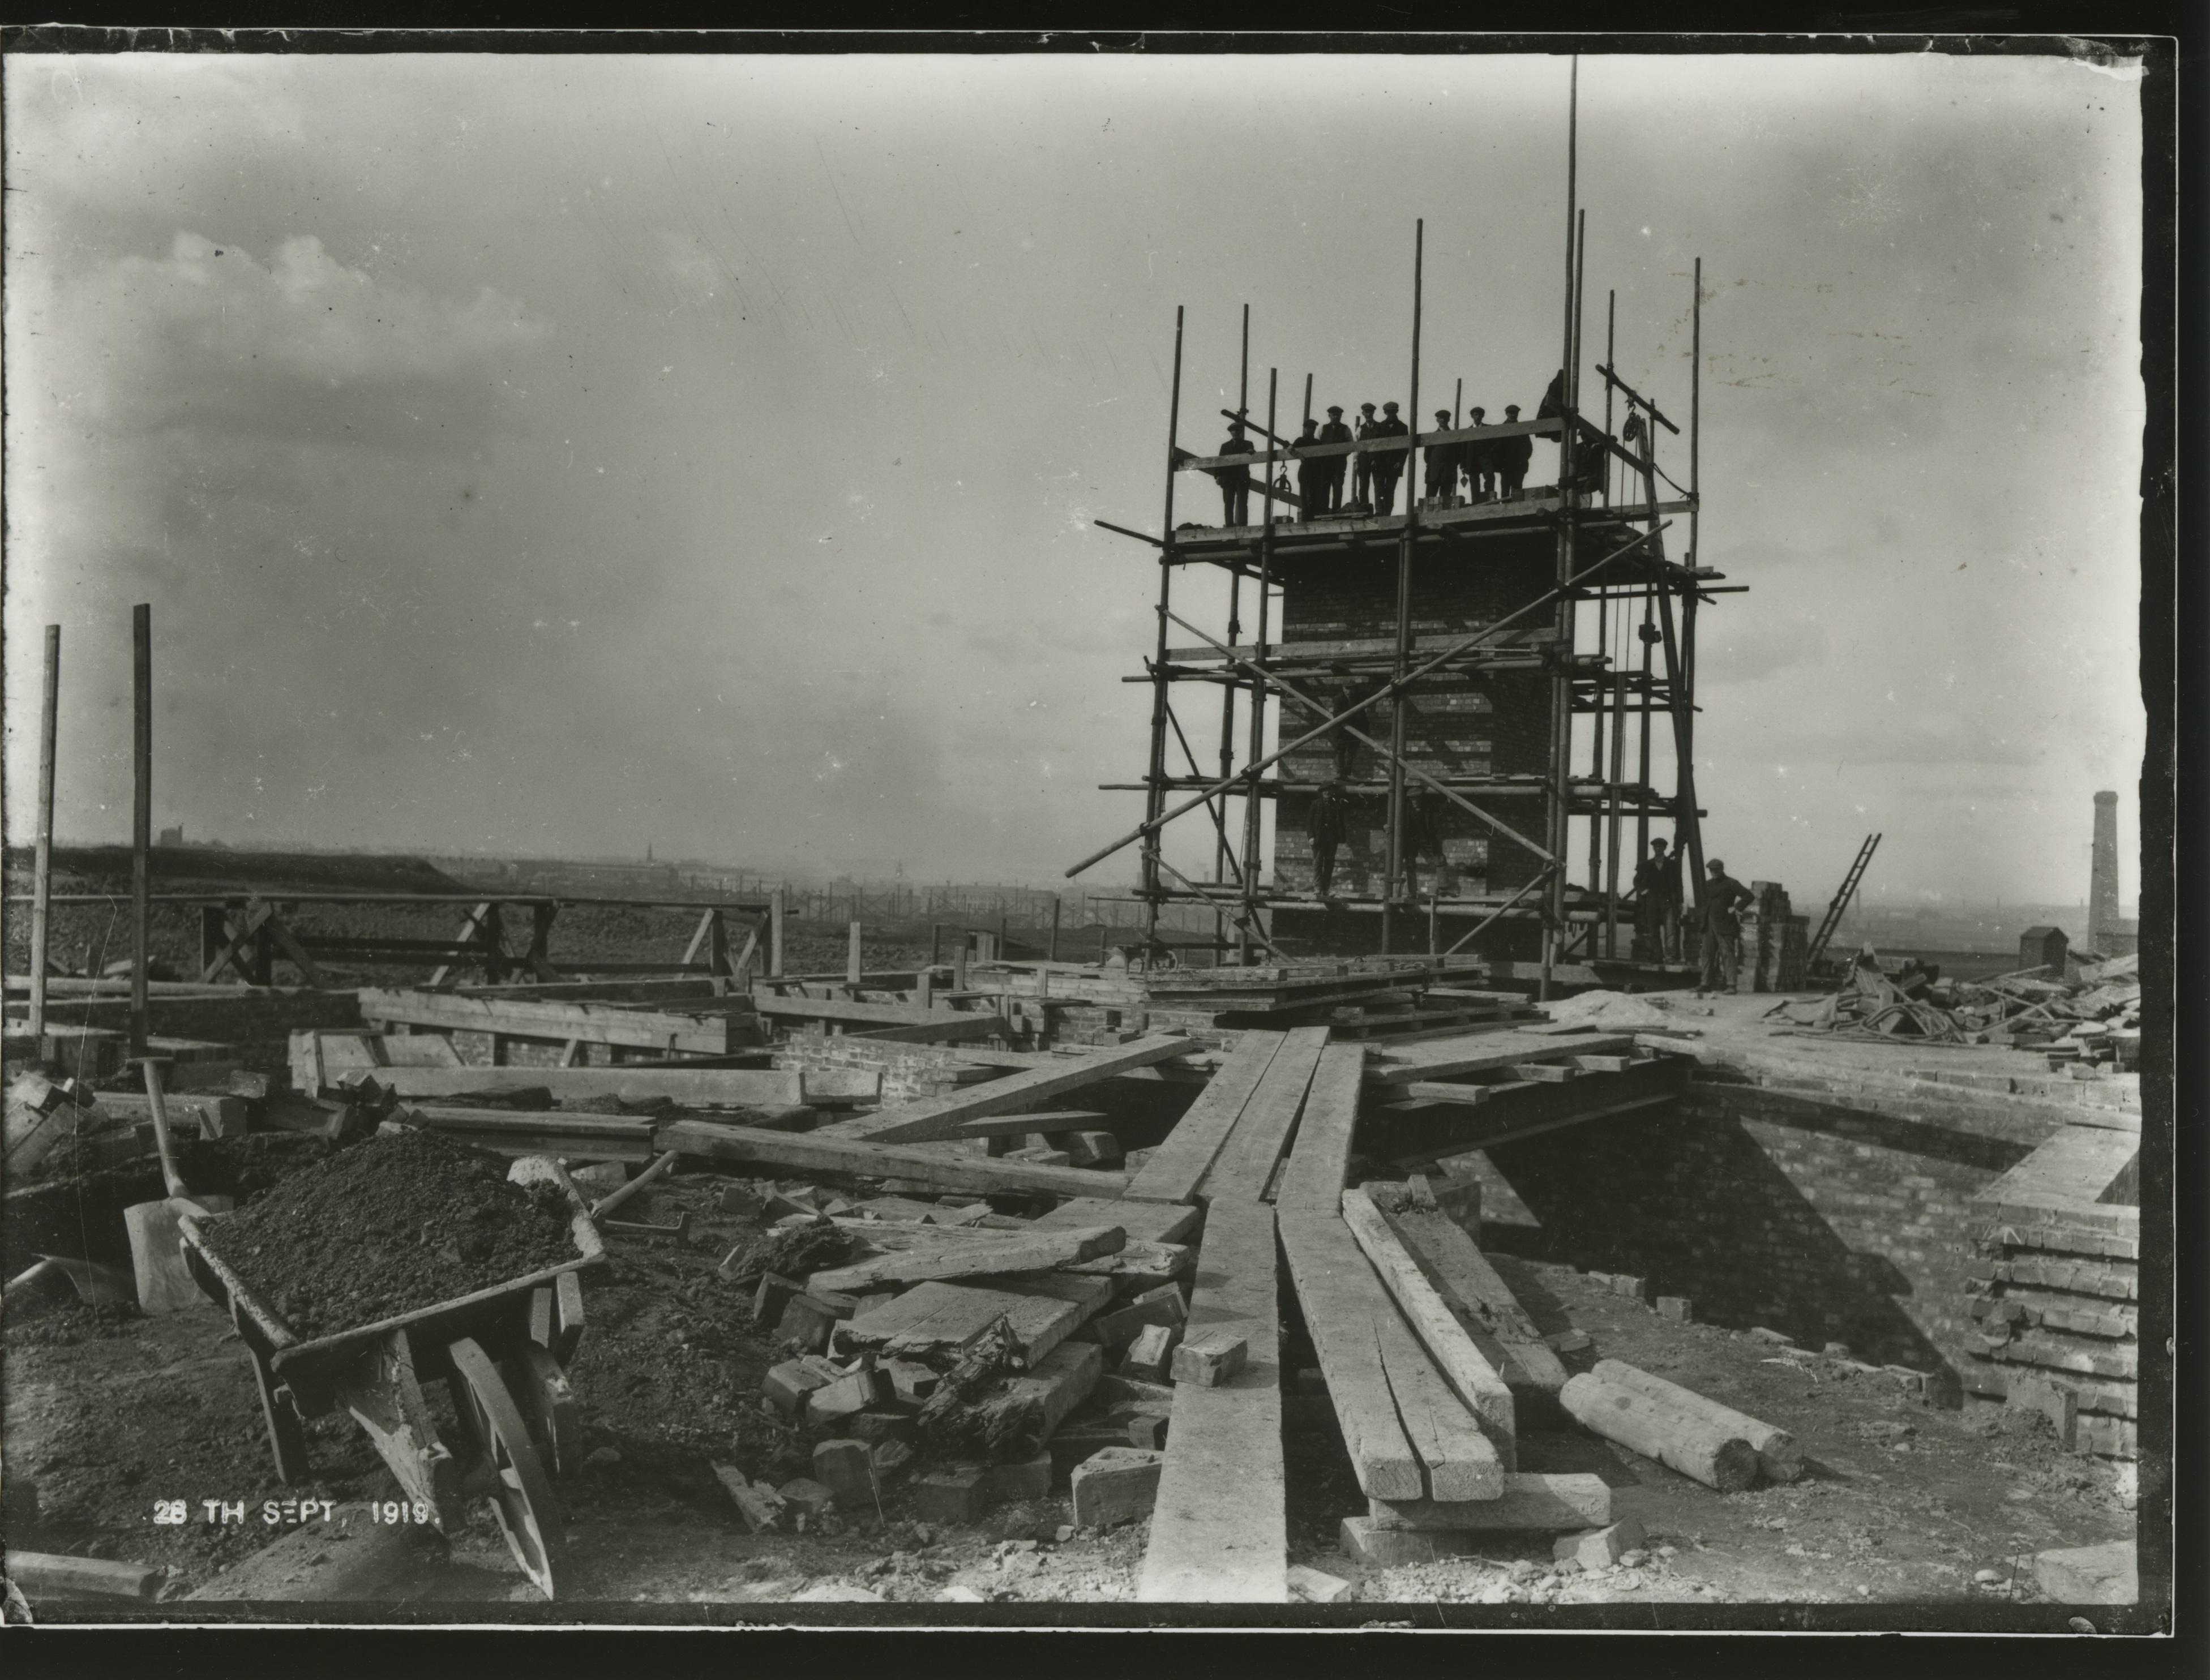 28 September 1919